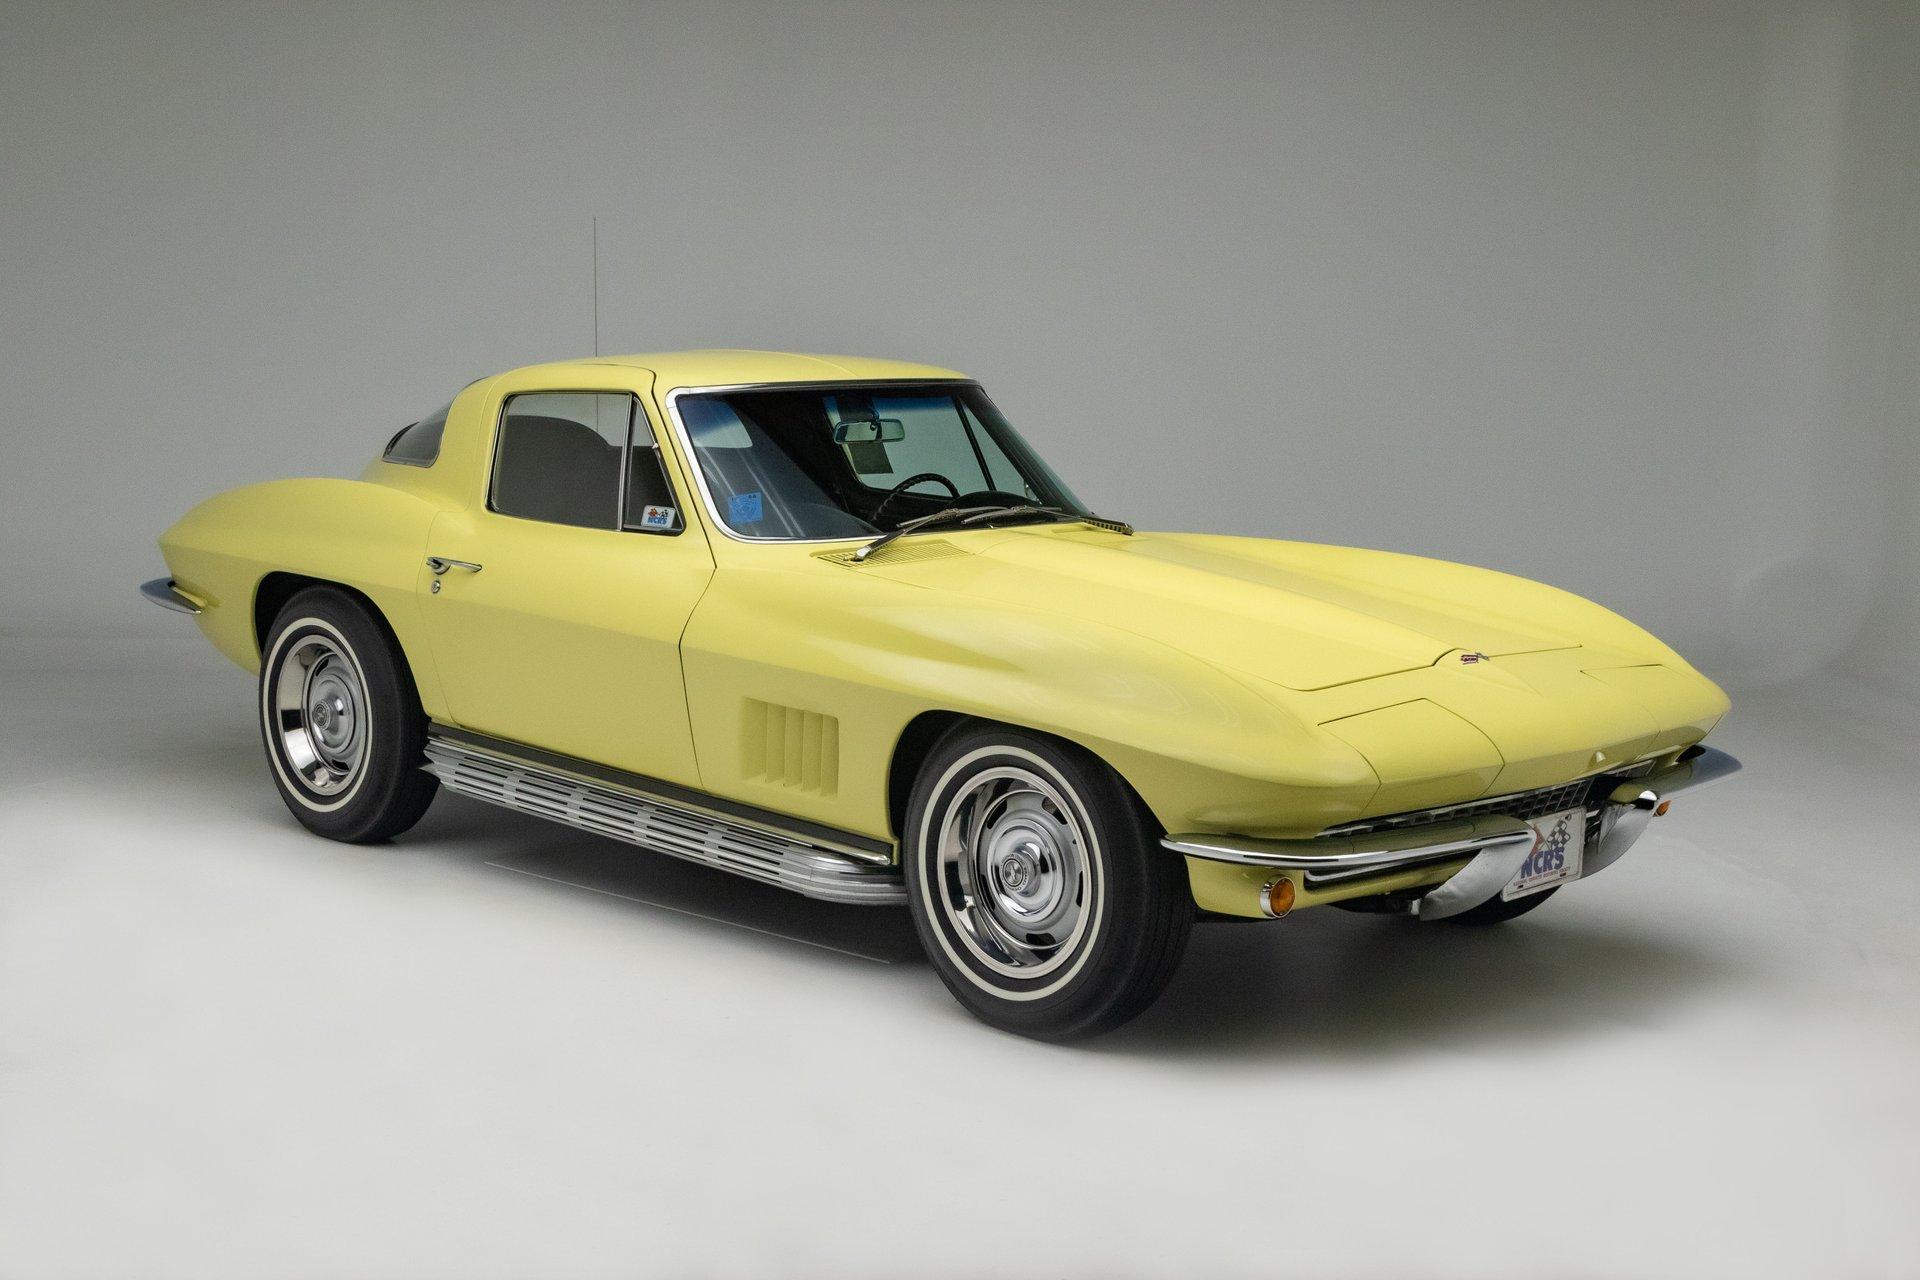 1967 chevrolet corvette 2dr coupe